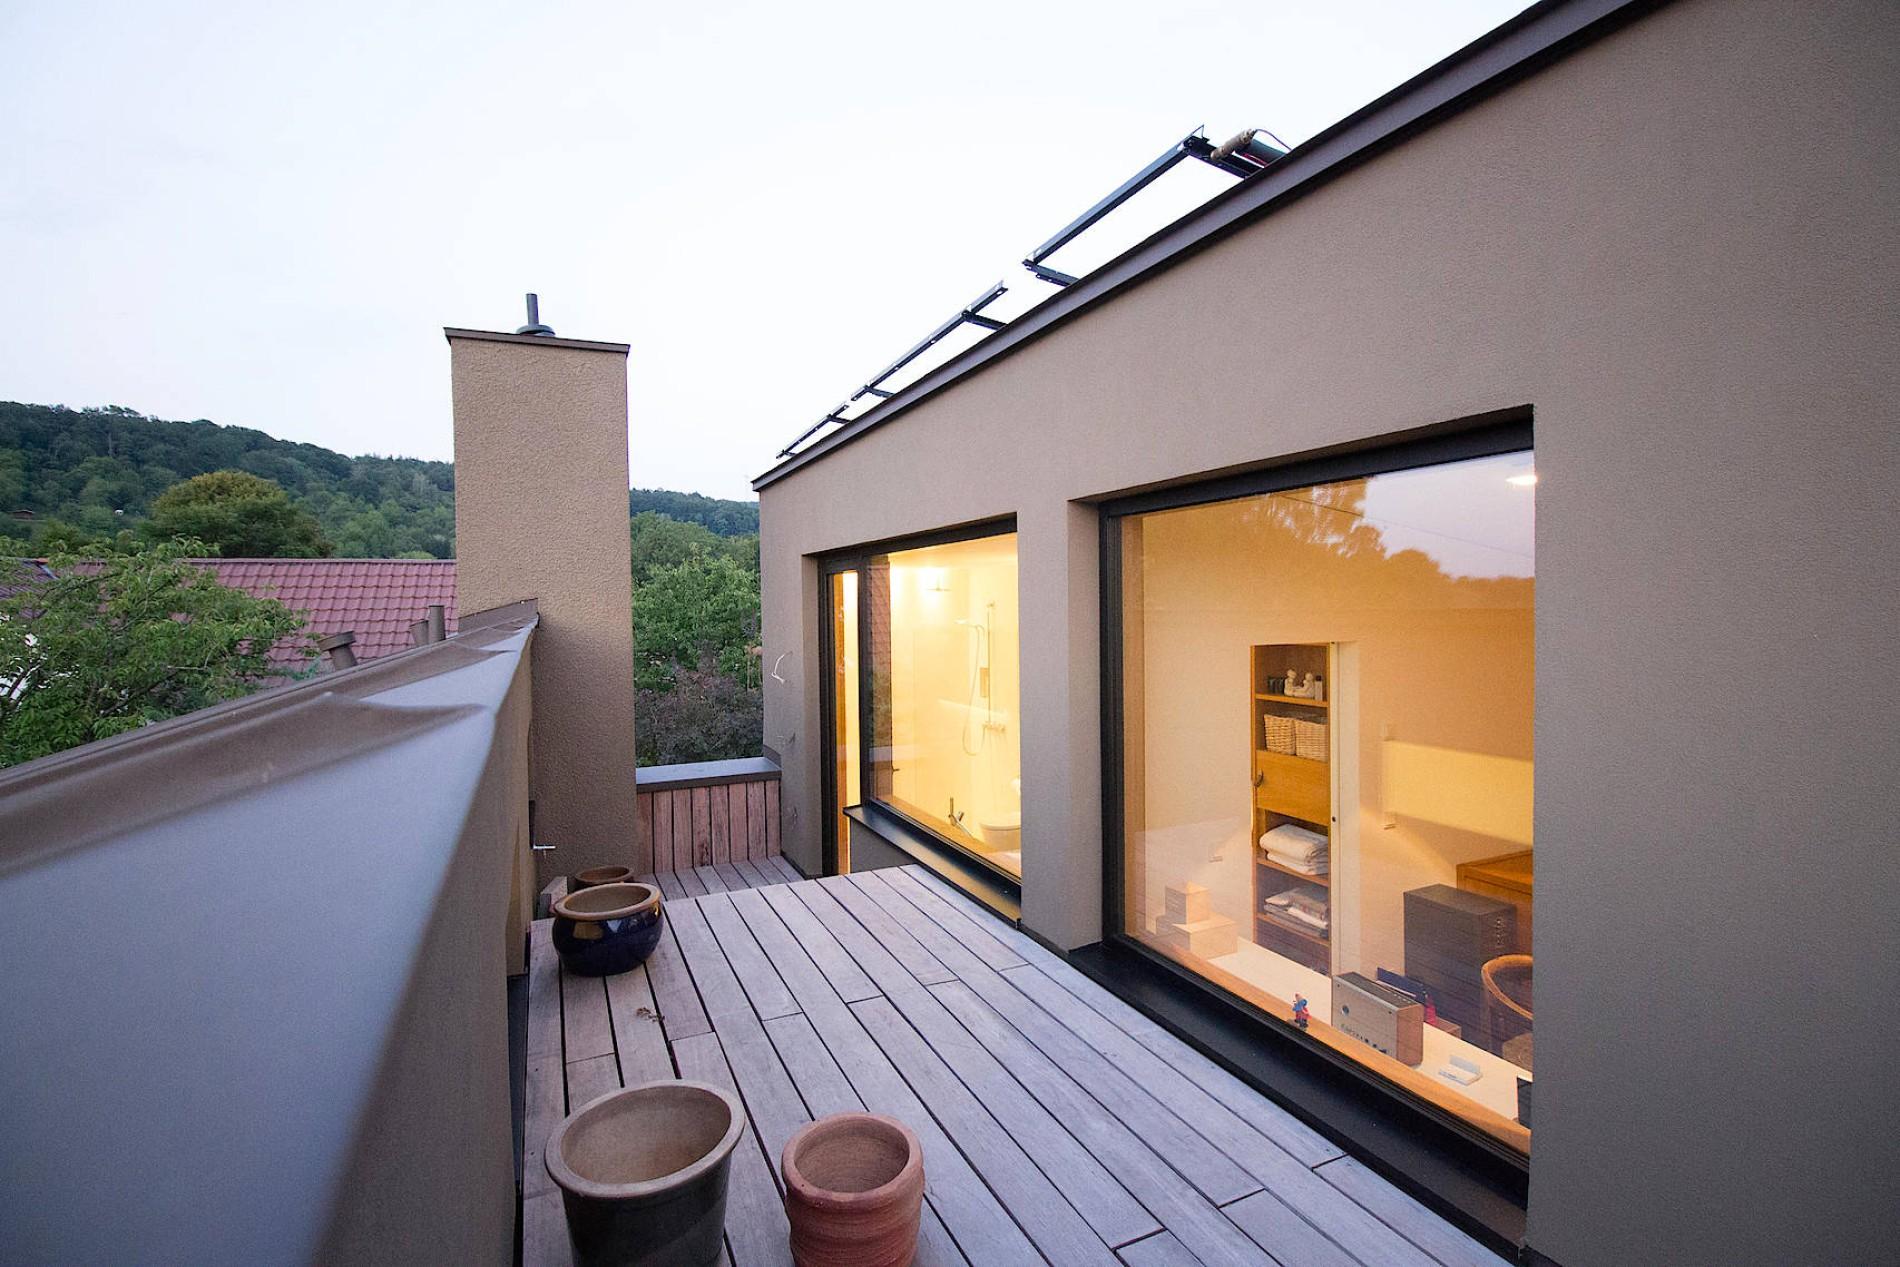 Neue Häuser: Neuer Auftritt fürs alte Haus